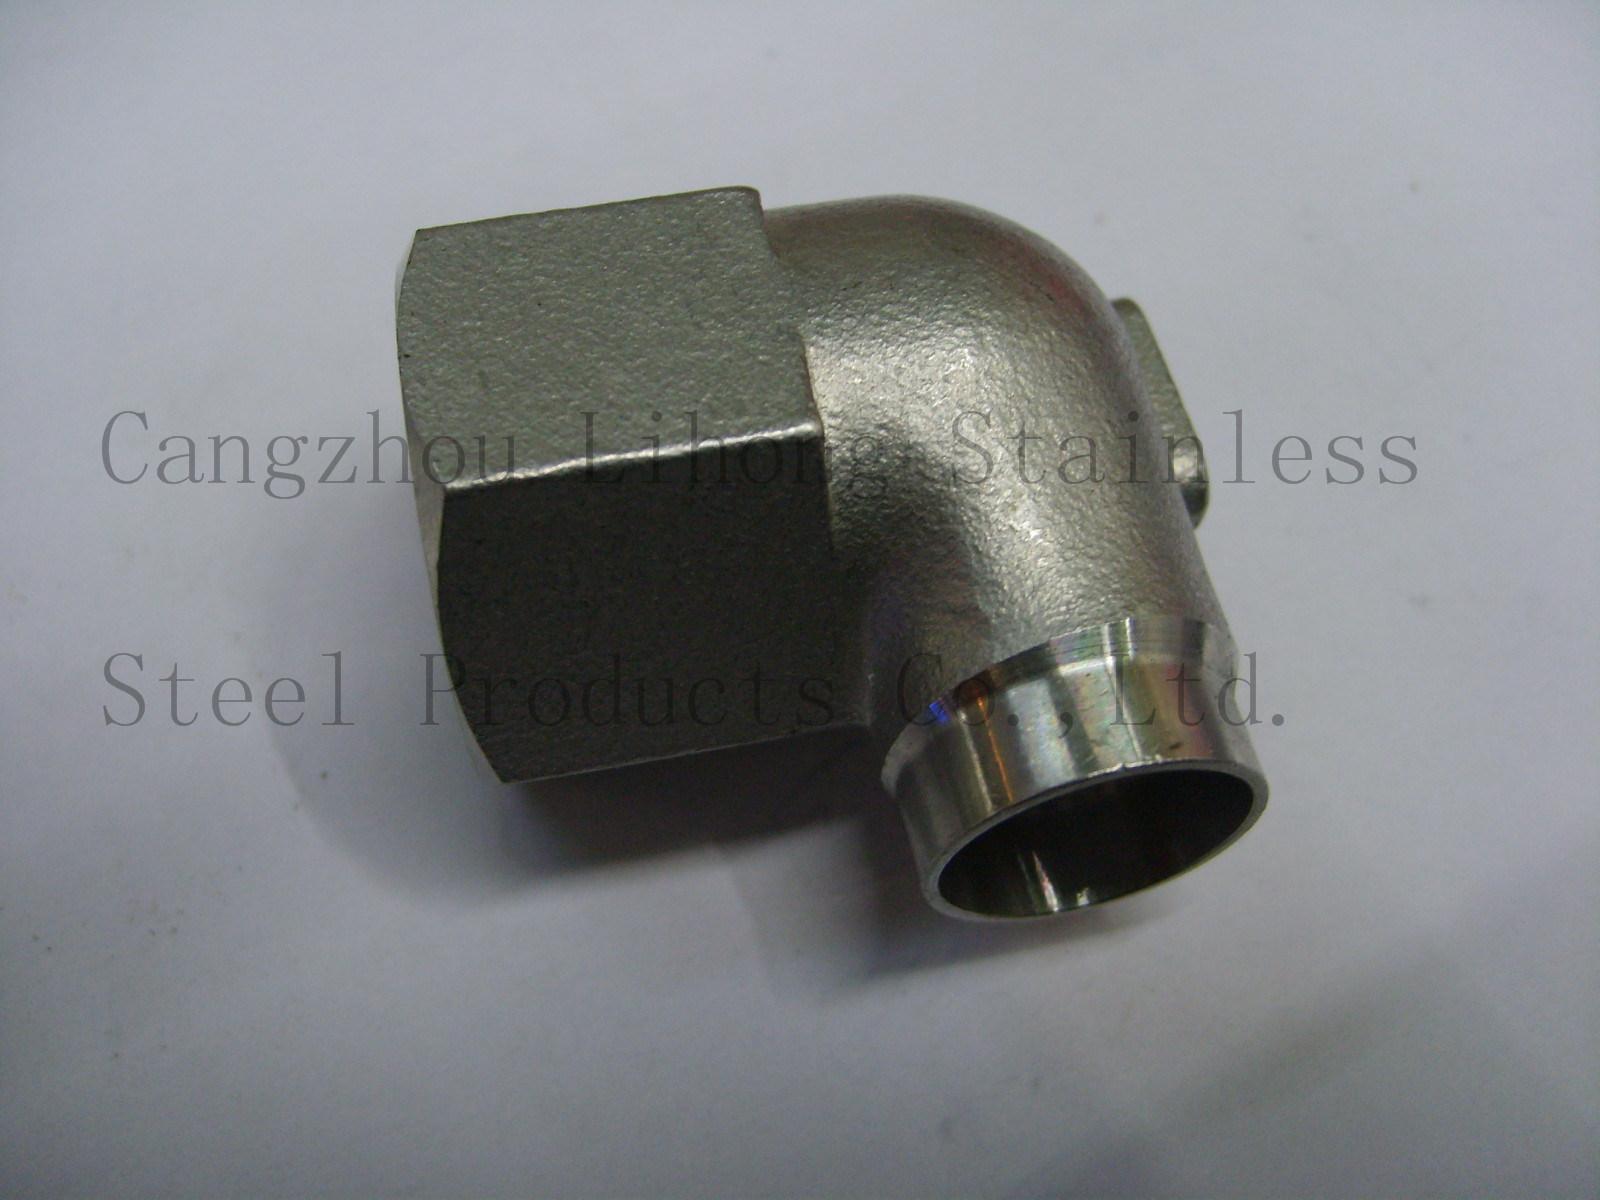 Raccordo per tubi in acciaio inox DIN2999 gomito